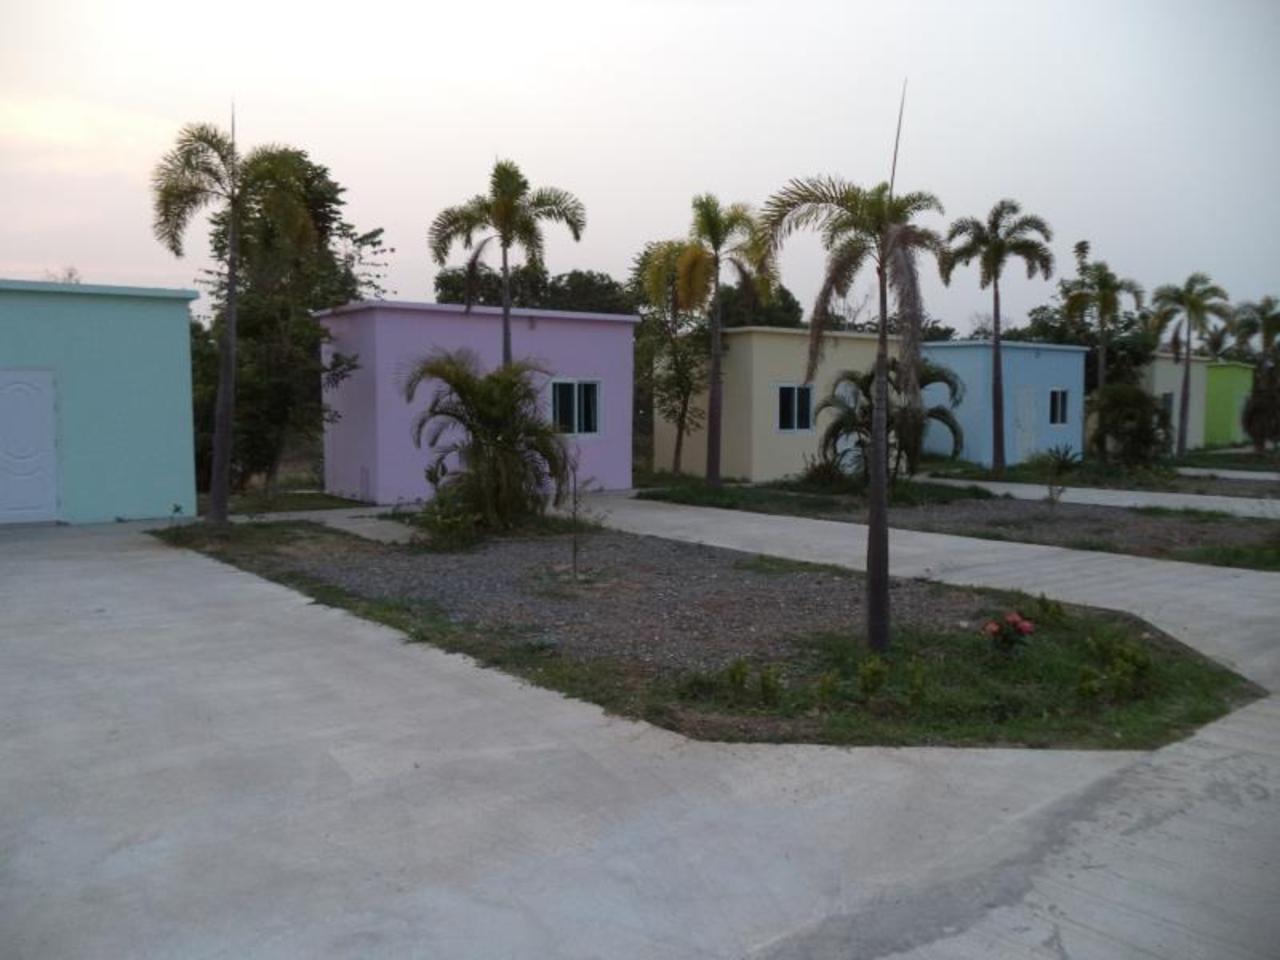 เดอะ การ์เด้น วิว รีสอร์ท (The Garden View Resort)